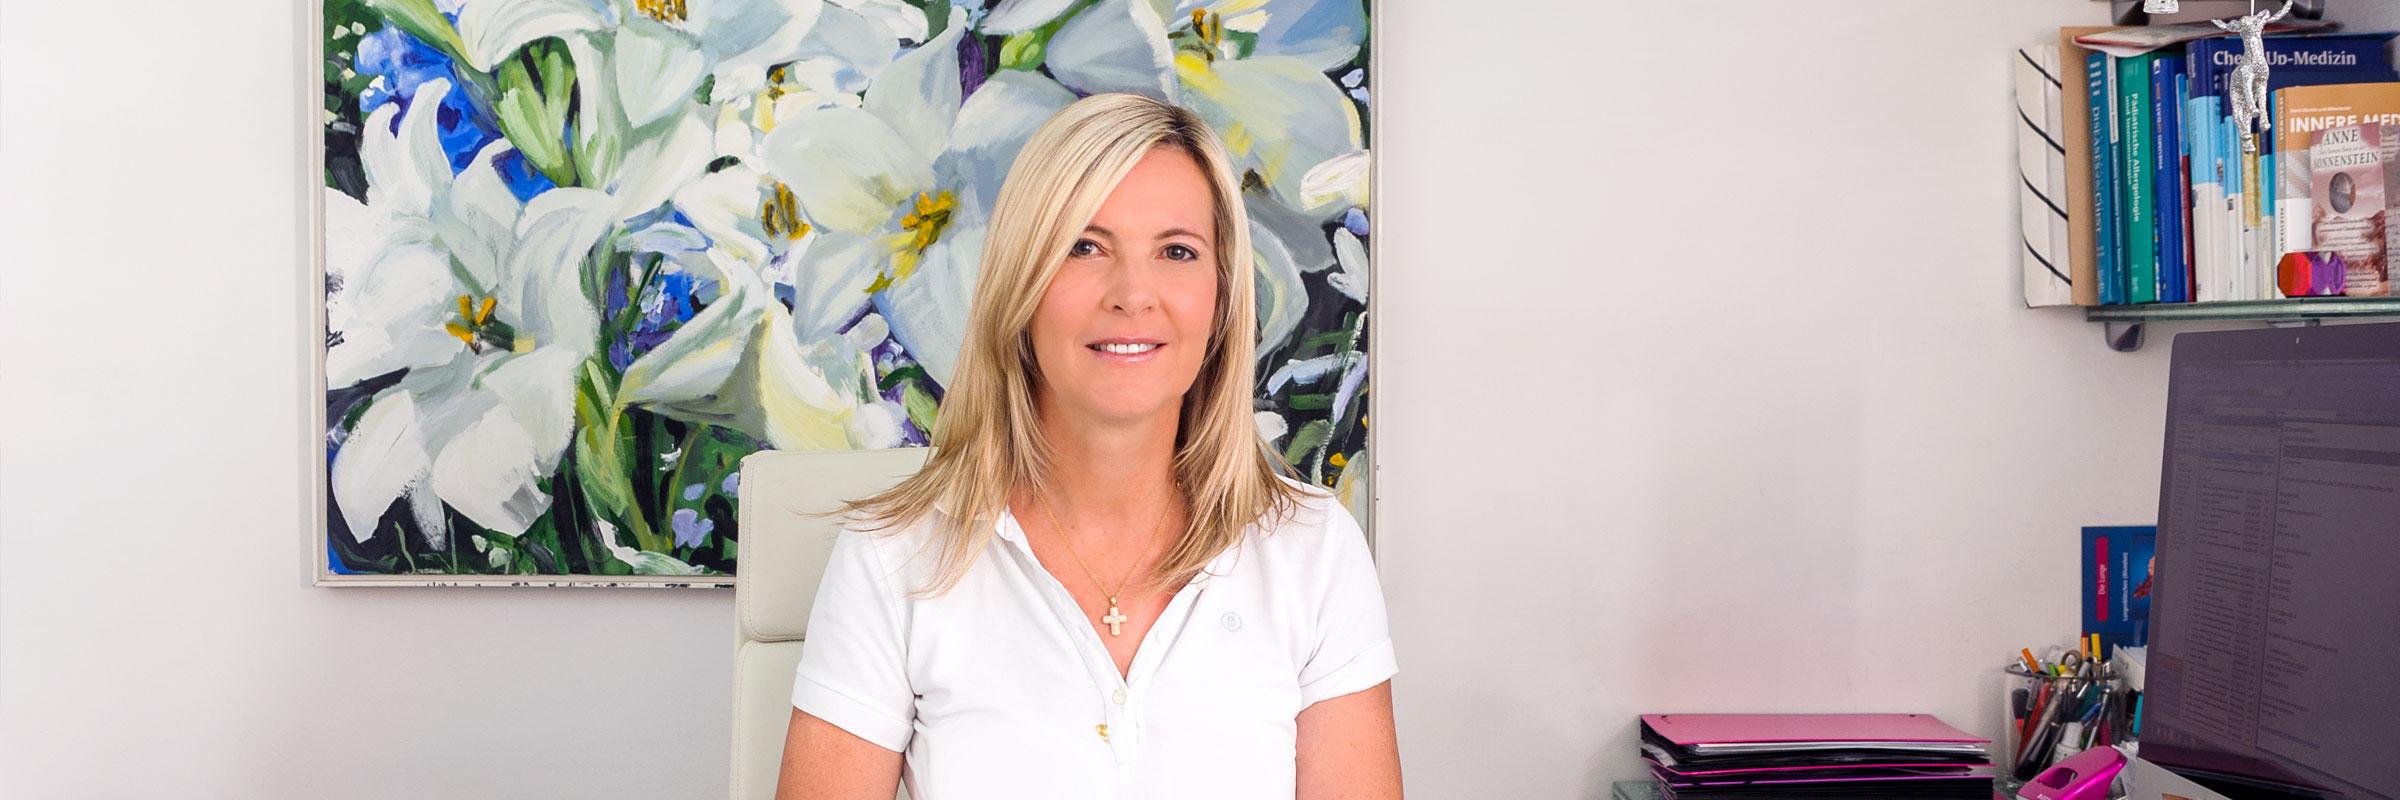 Lungenarztzentrum Mannheim - Praxis Dr. med. Anne-Kathrin Auracher